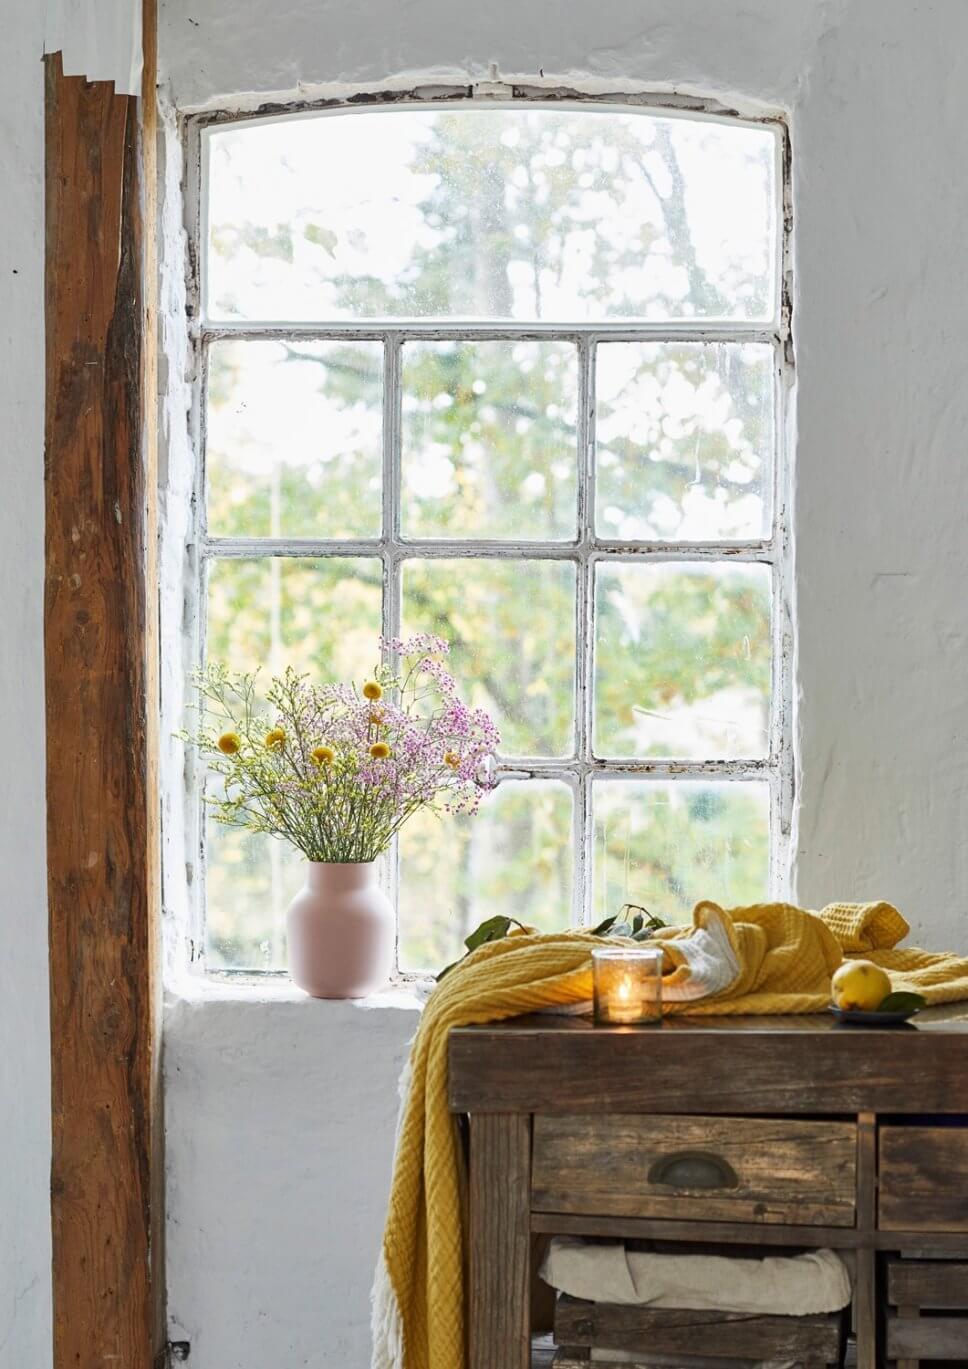 Wiesenblumenstrauß vor Sprossenfenster